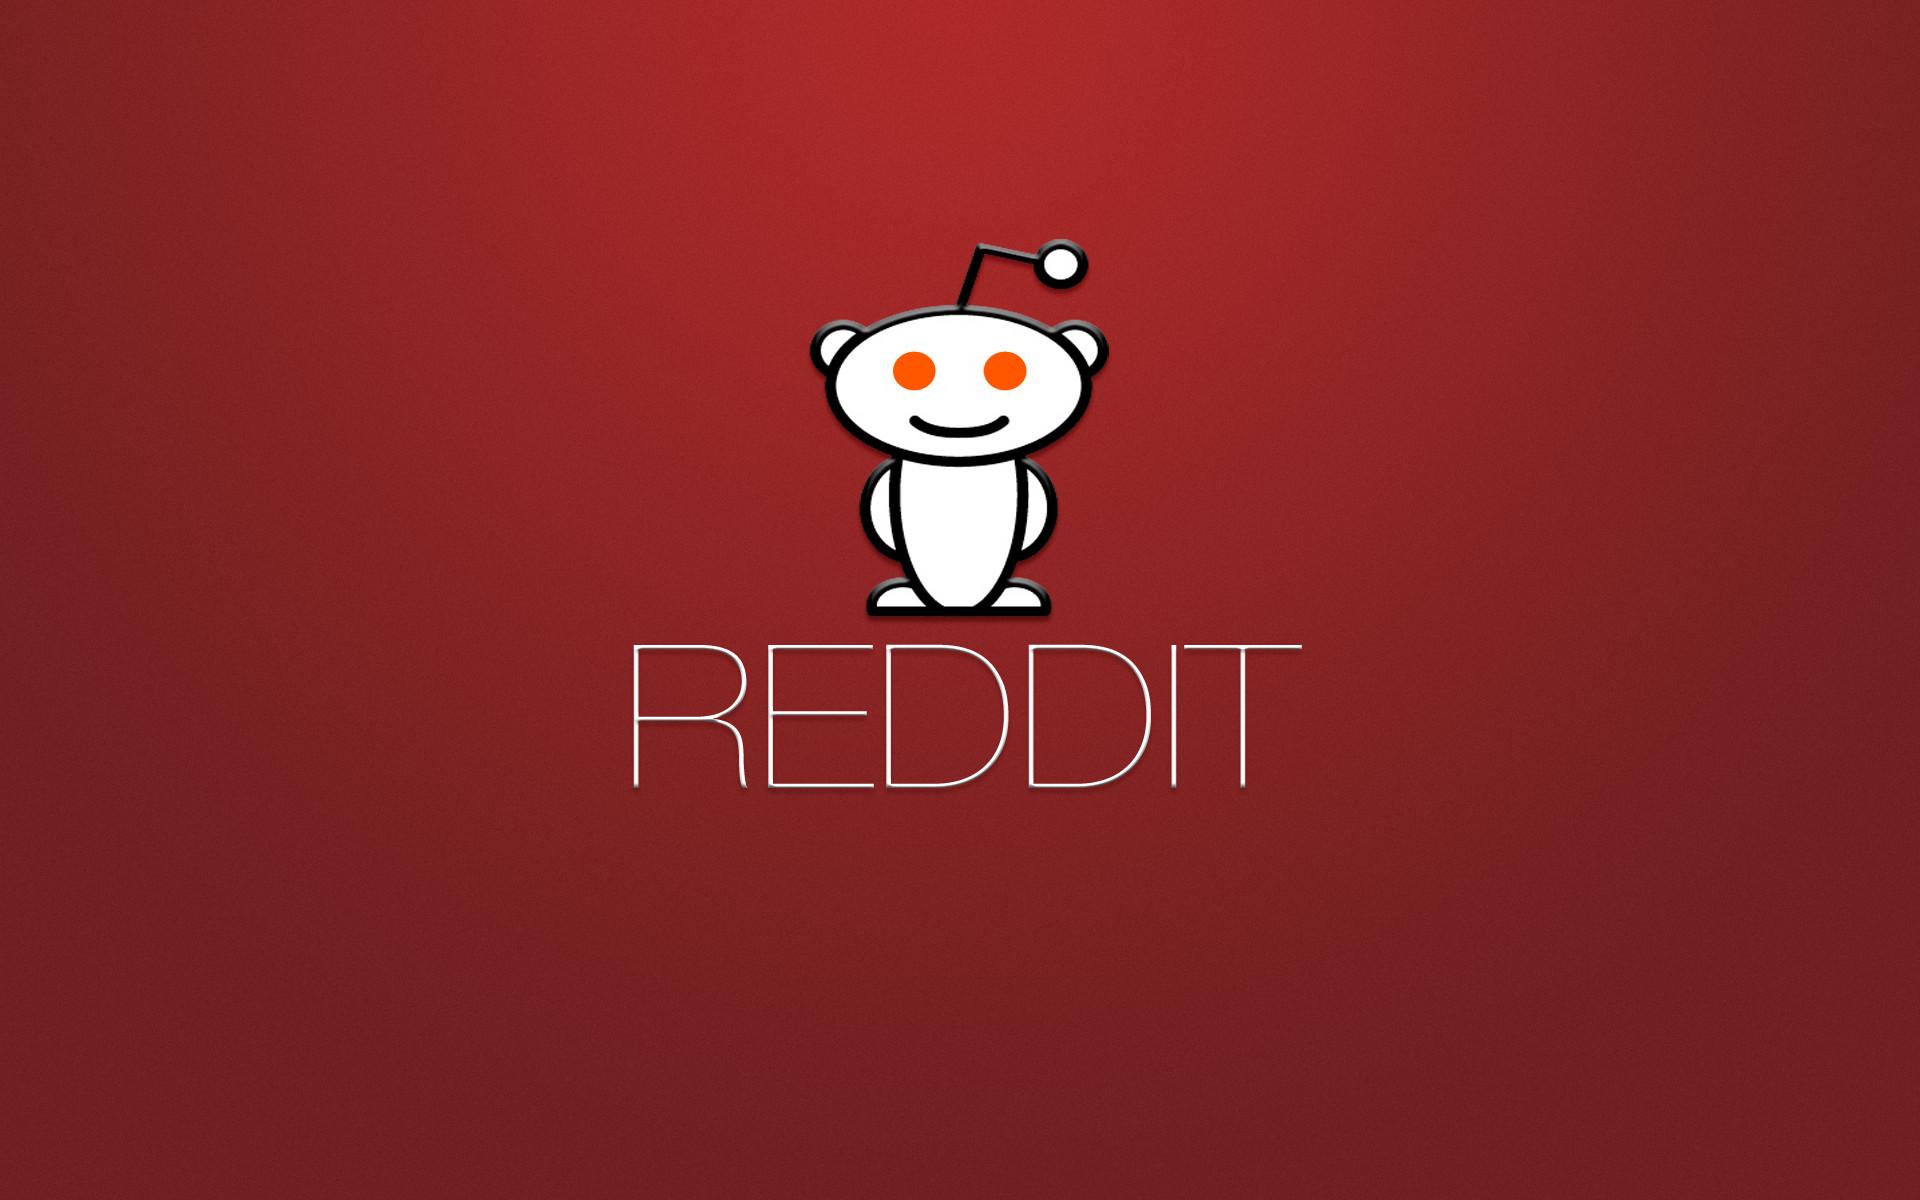 Reddit Logo, Hd Logo, 4k Wallpapers, Images, Backgrounds